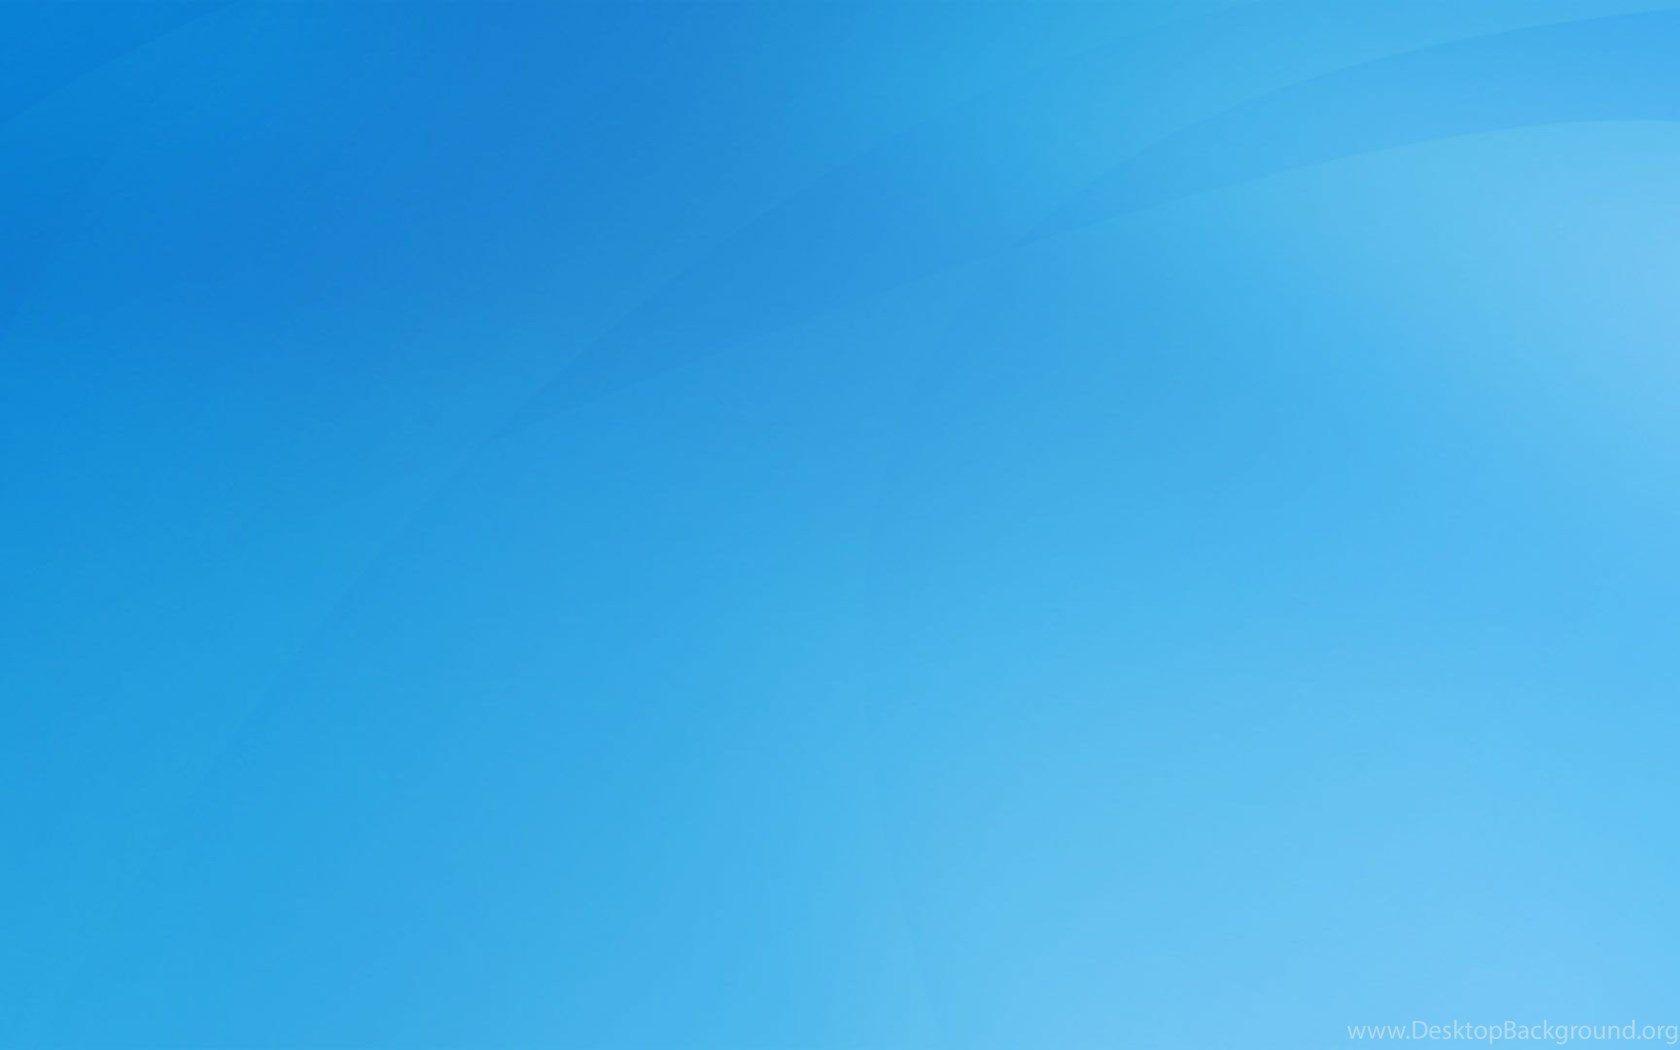 1680x1050 Plain Blue Background Wallpaper Hình nền Máy tính để bàn